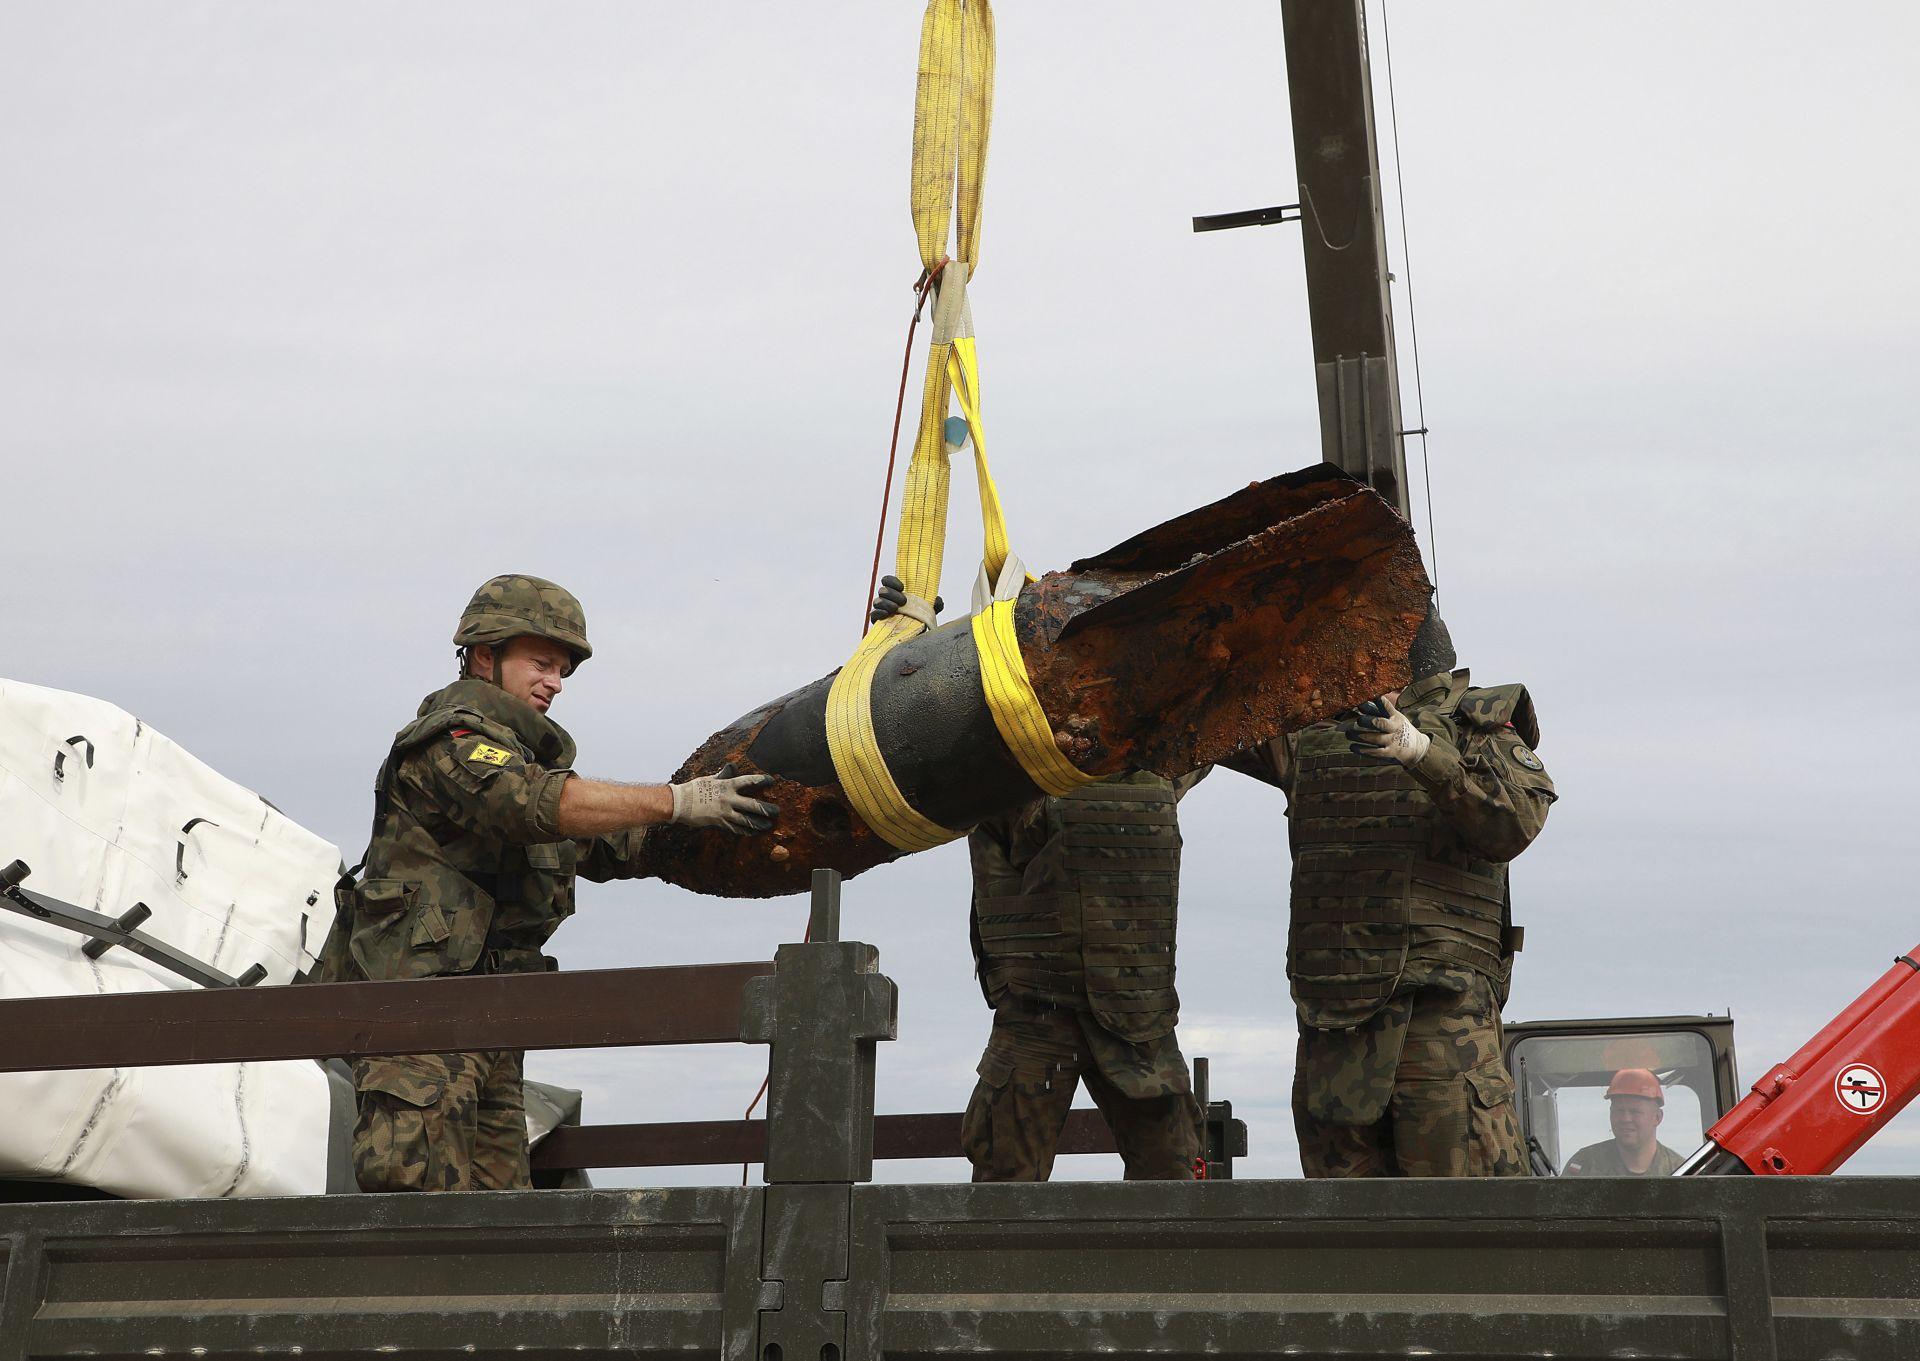 Бомбите, всяка с тегло 300 кг, бяха транспортирани със специален камион до полигон за контролирана детонация